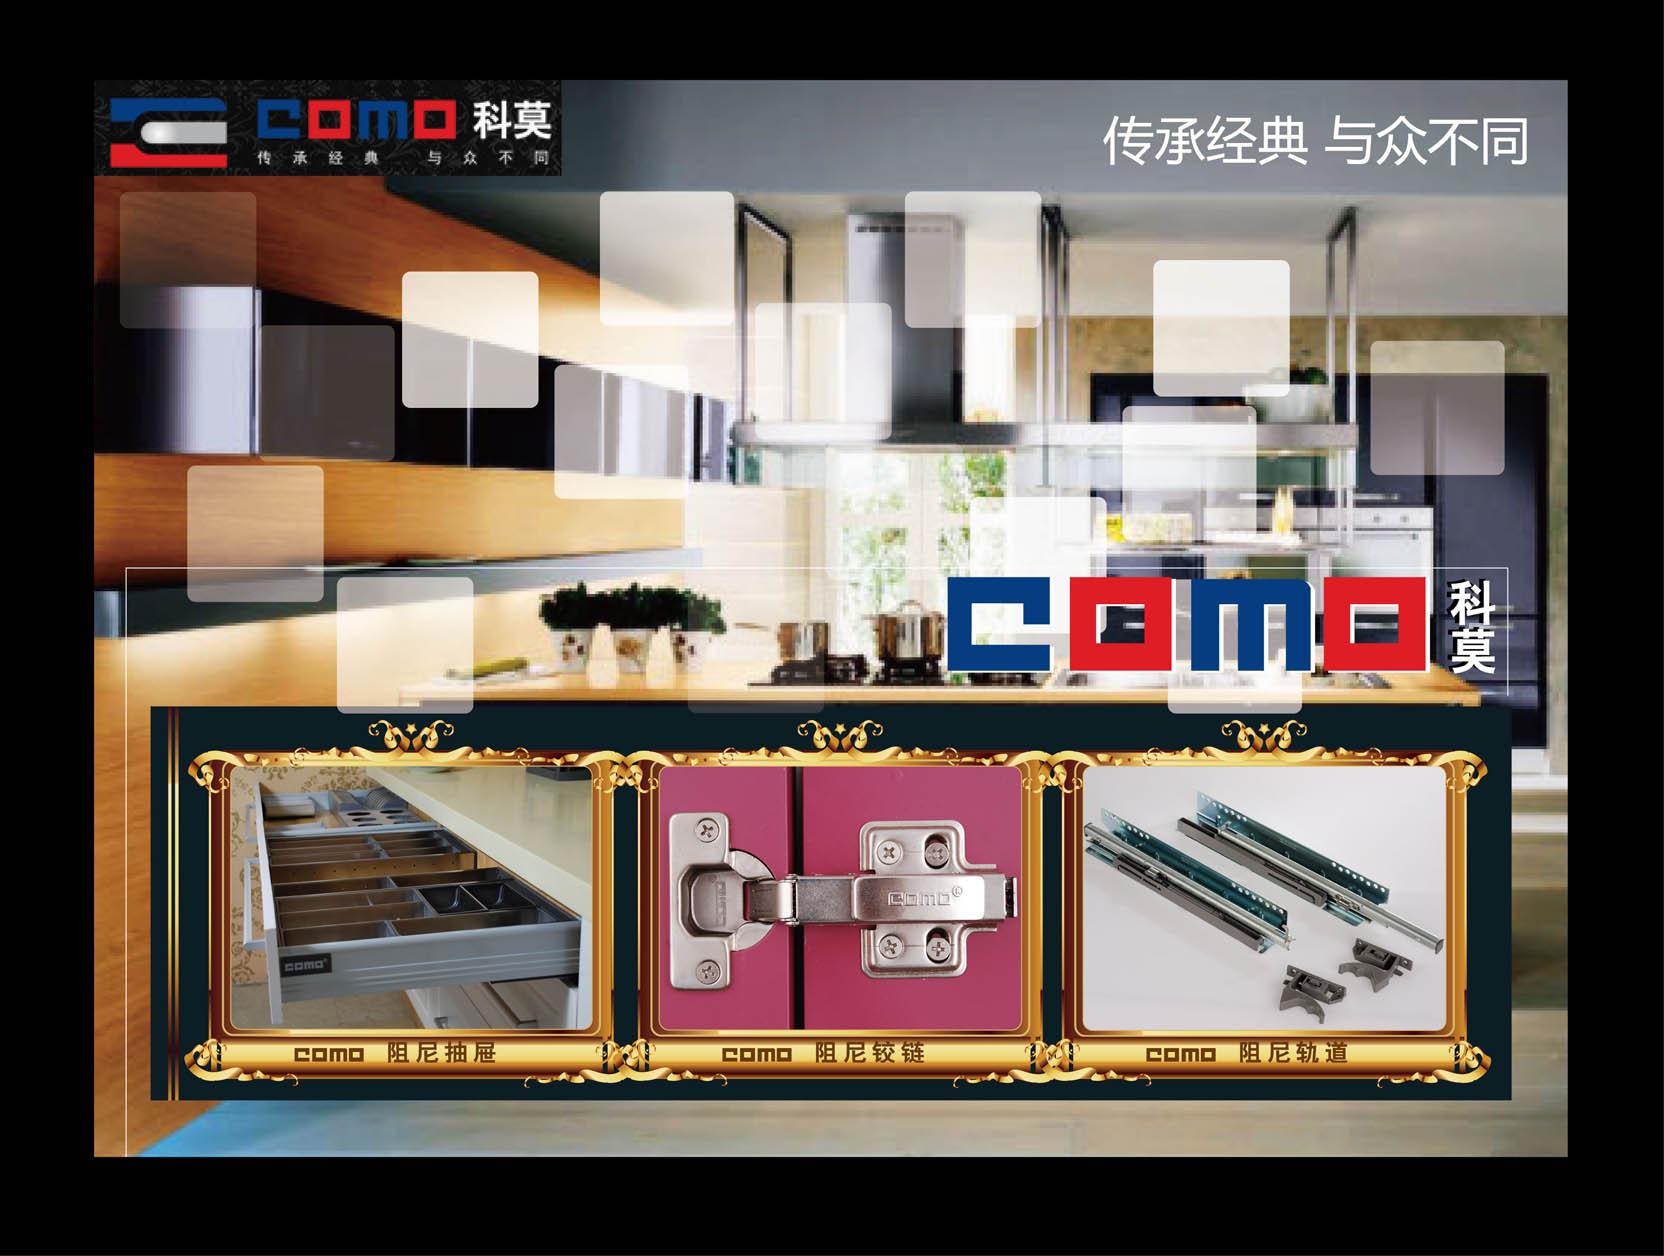 杂志平面广告设计(a4大小)